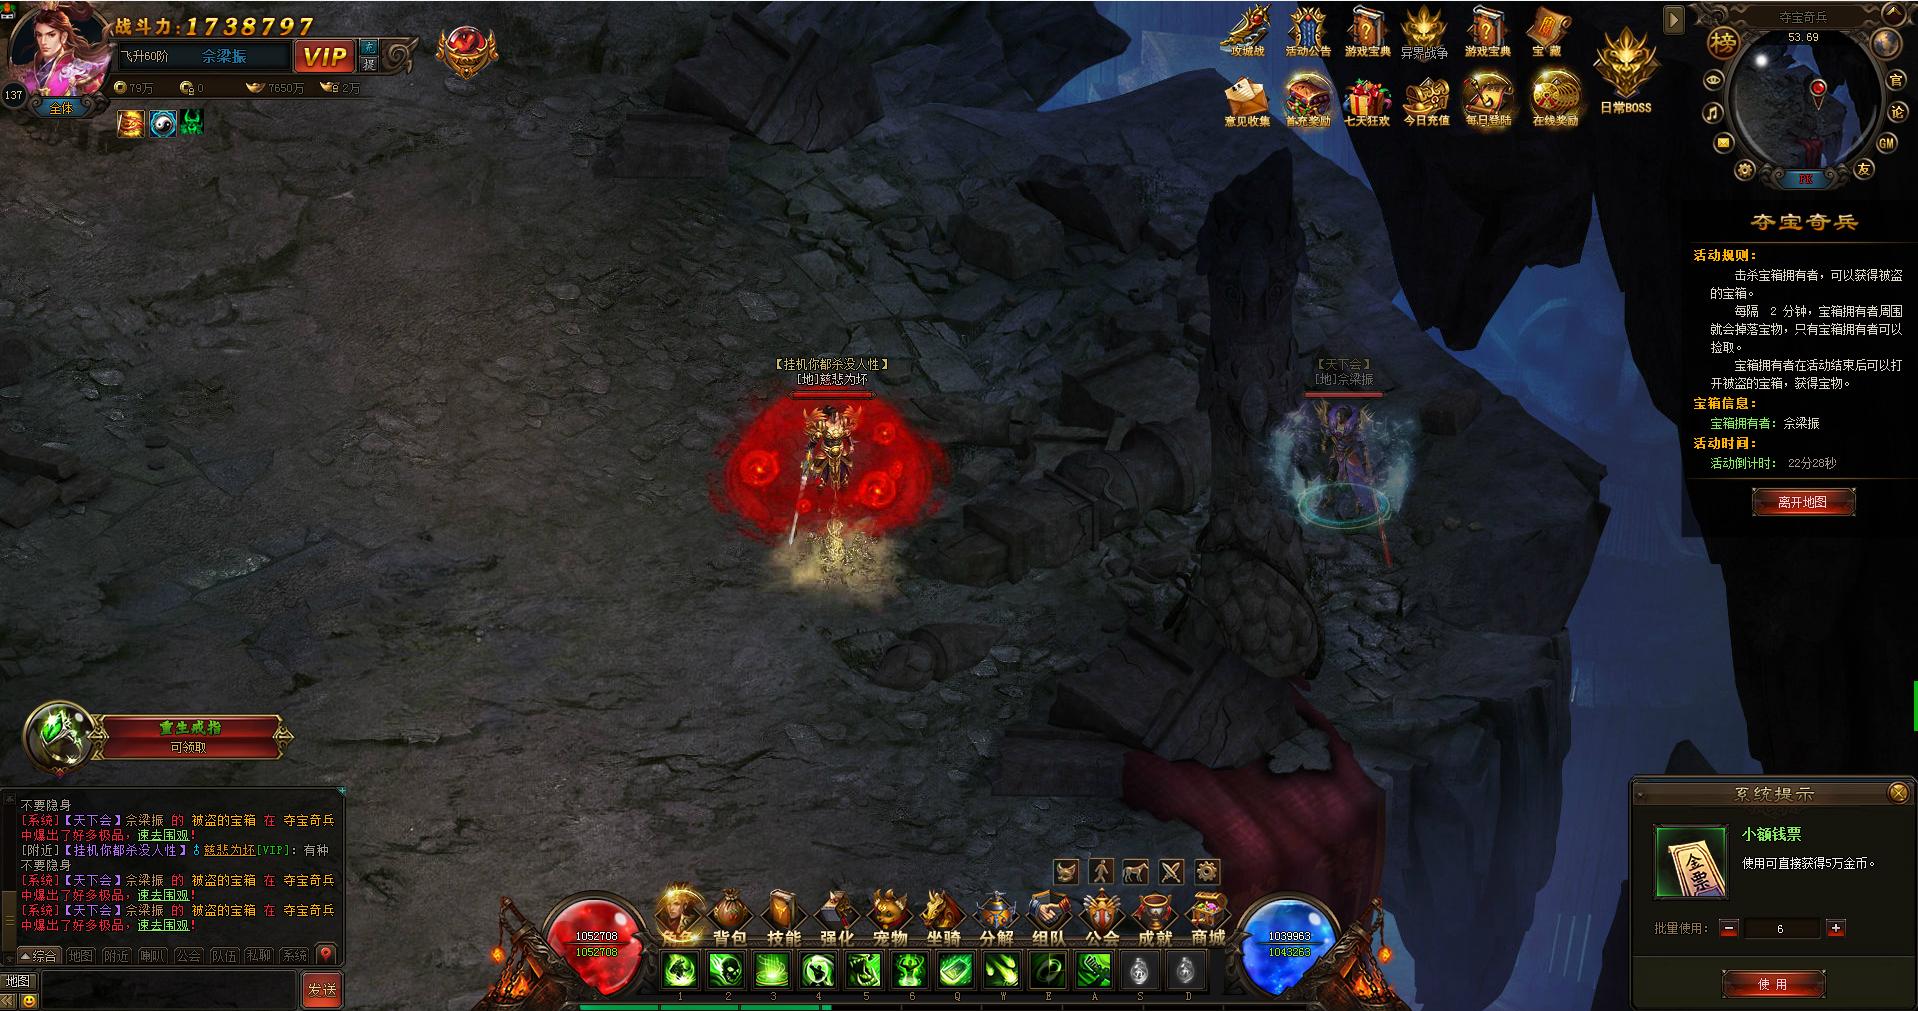 《神界传奇》游戏截图